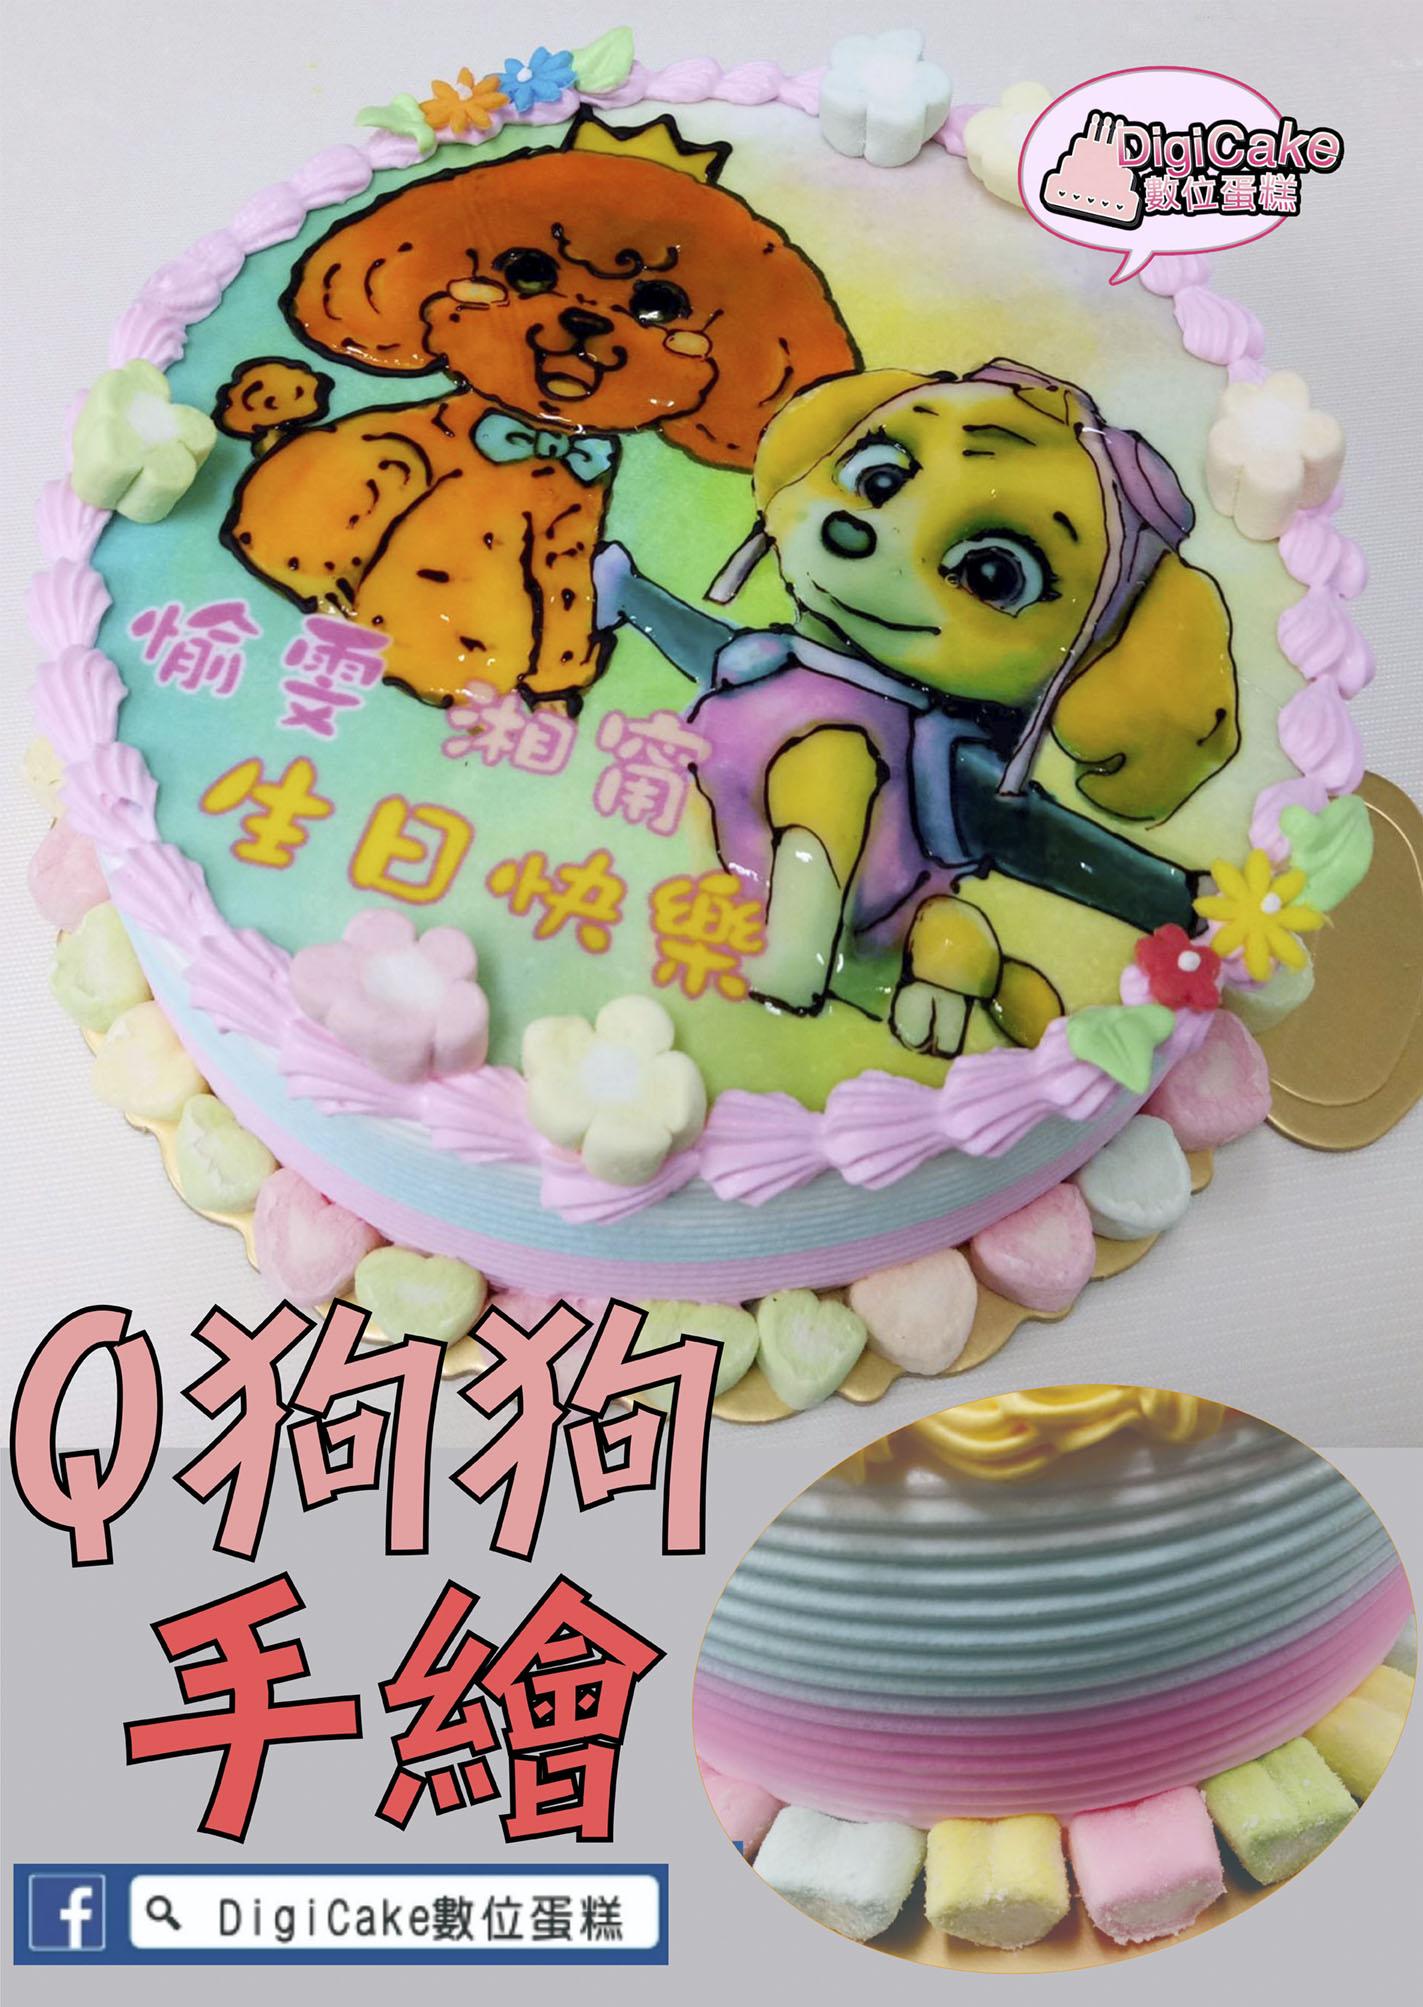 點此進入Q狗狗手繪造型蛋糕的詳細資料!